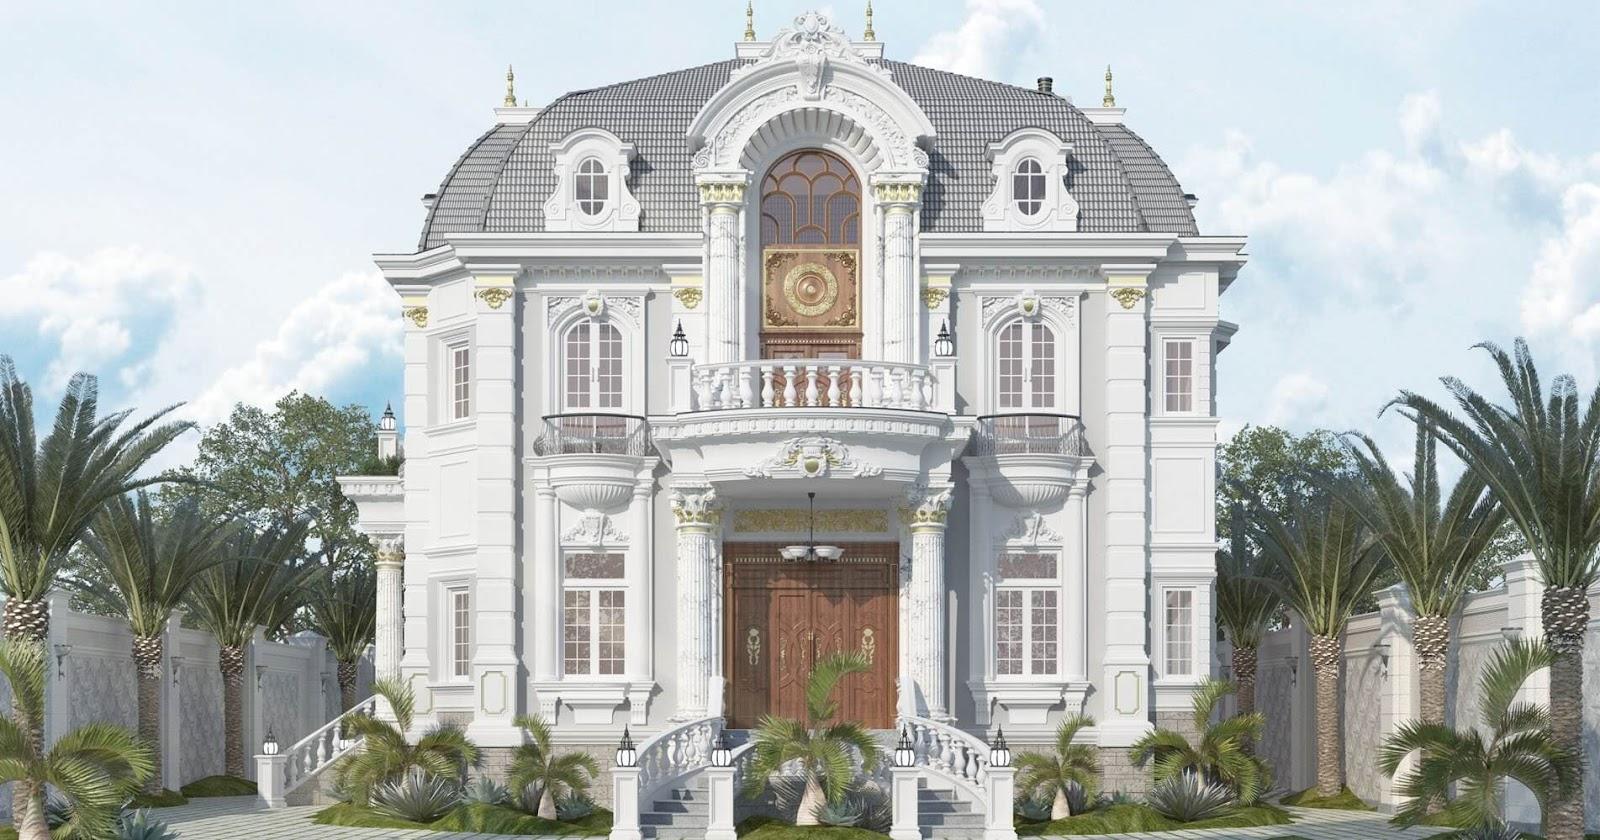 mẫu thiết kế biệt thự dạng lâu đài